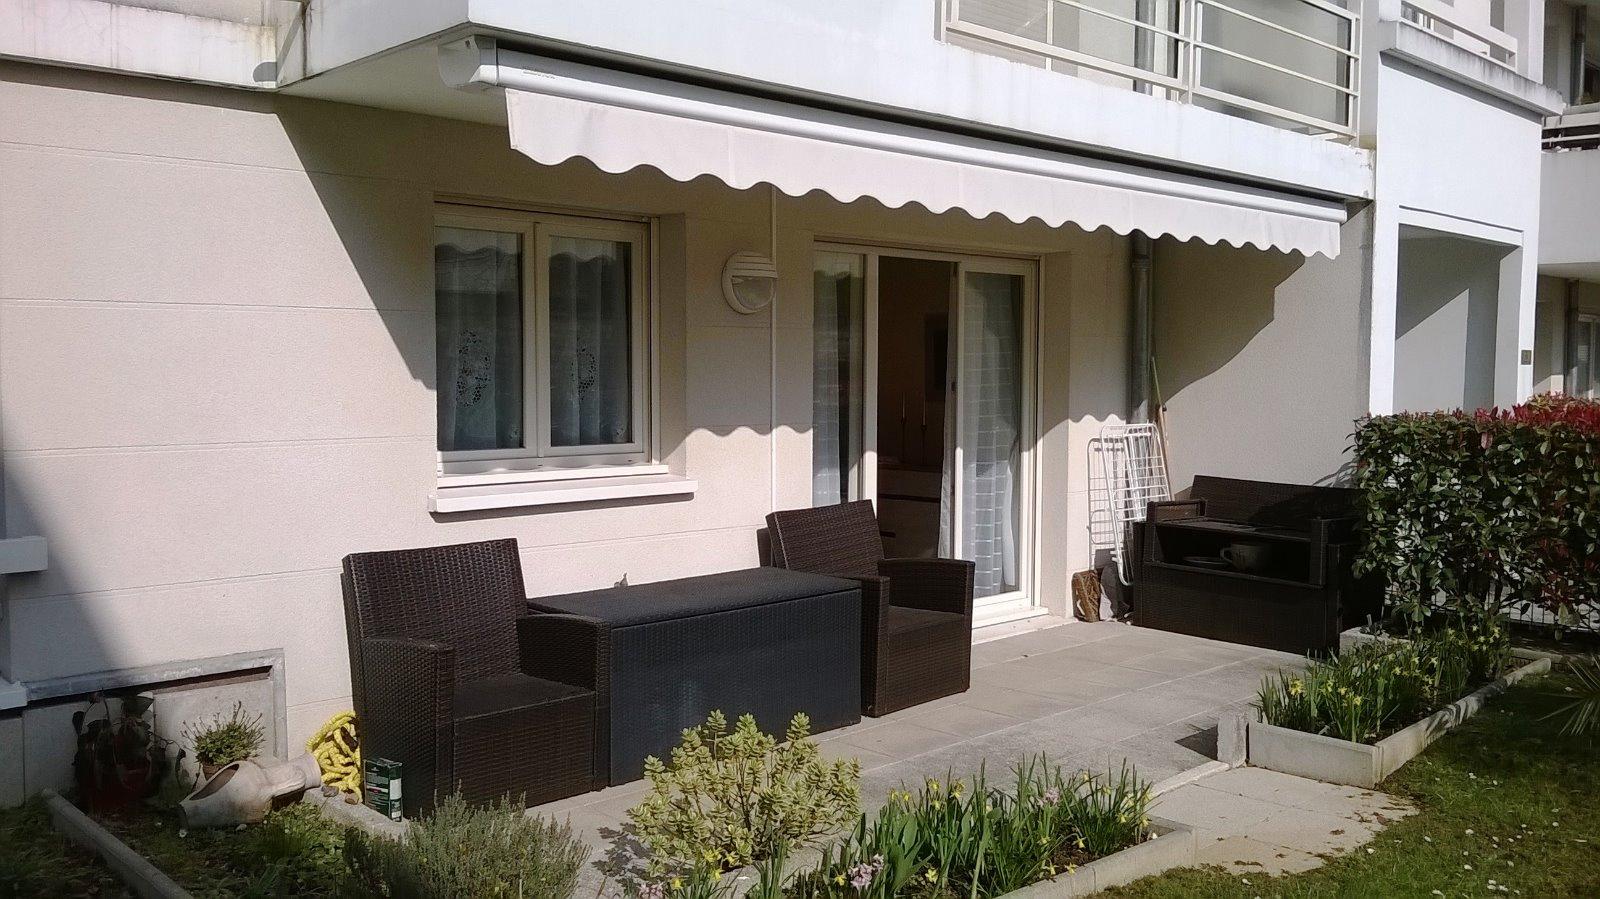 Vente 2 pi ces mantes la jolie soupizet immobilier for Jardin 78200